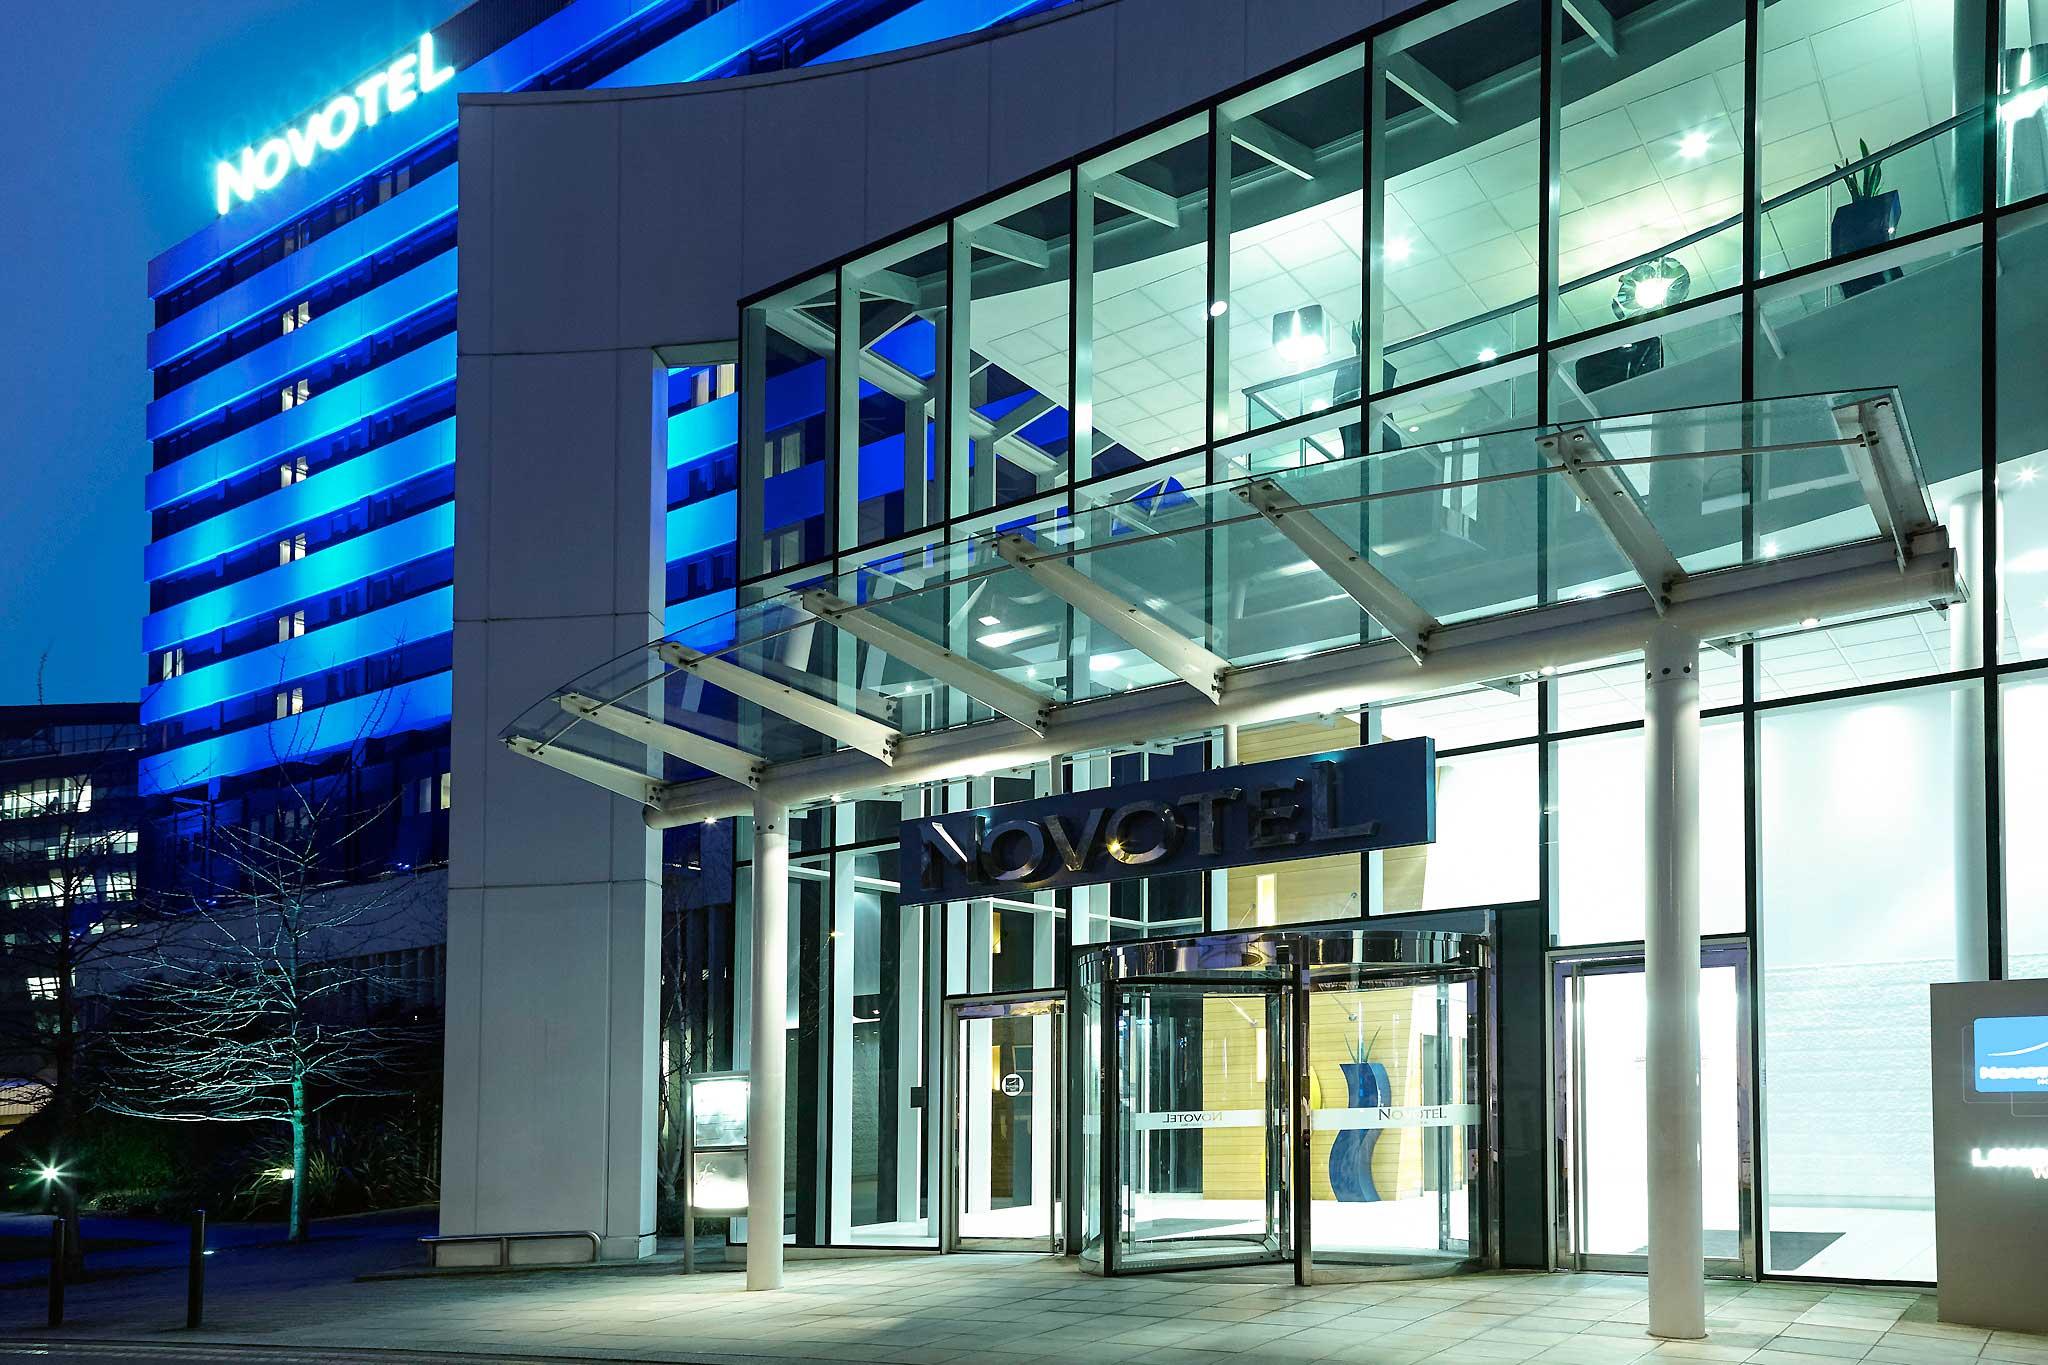 Hotel – Novotel Londen West